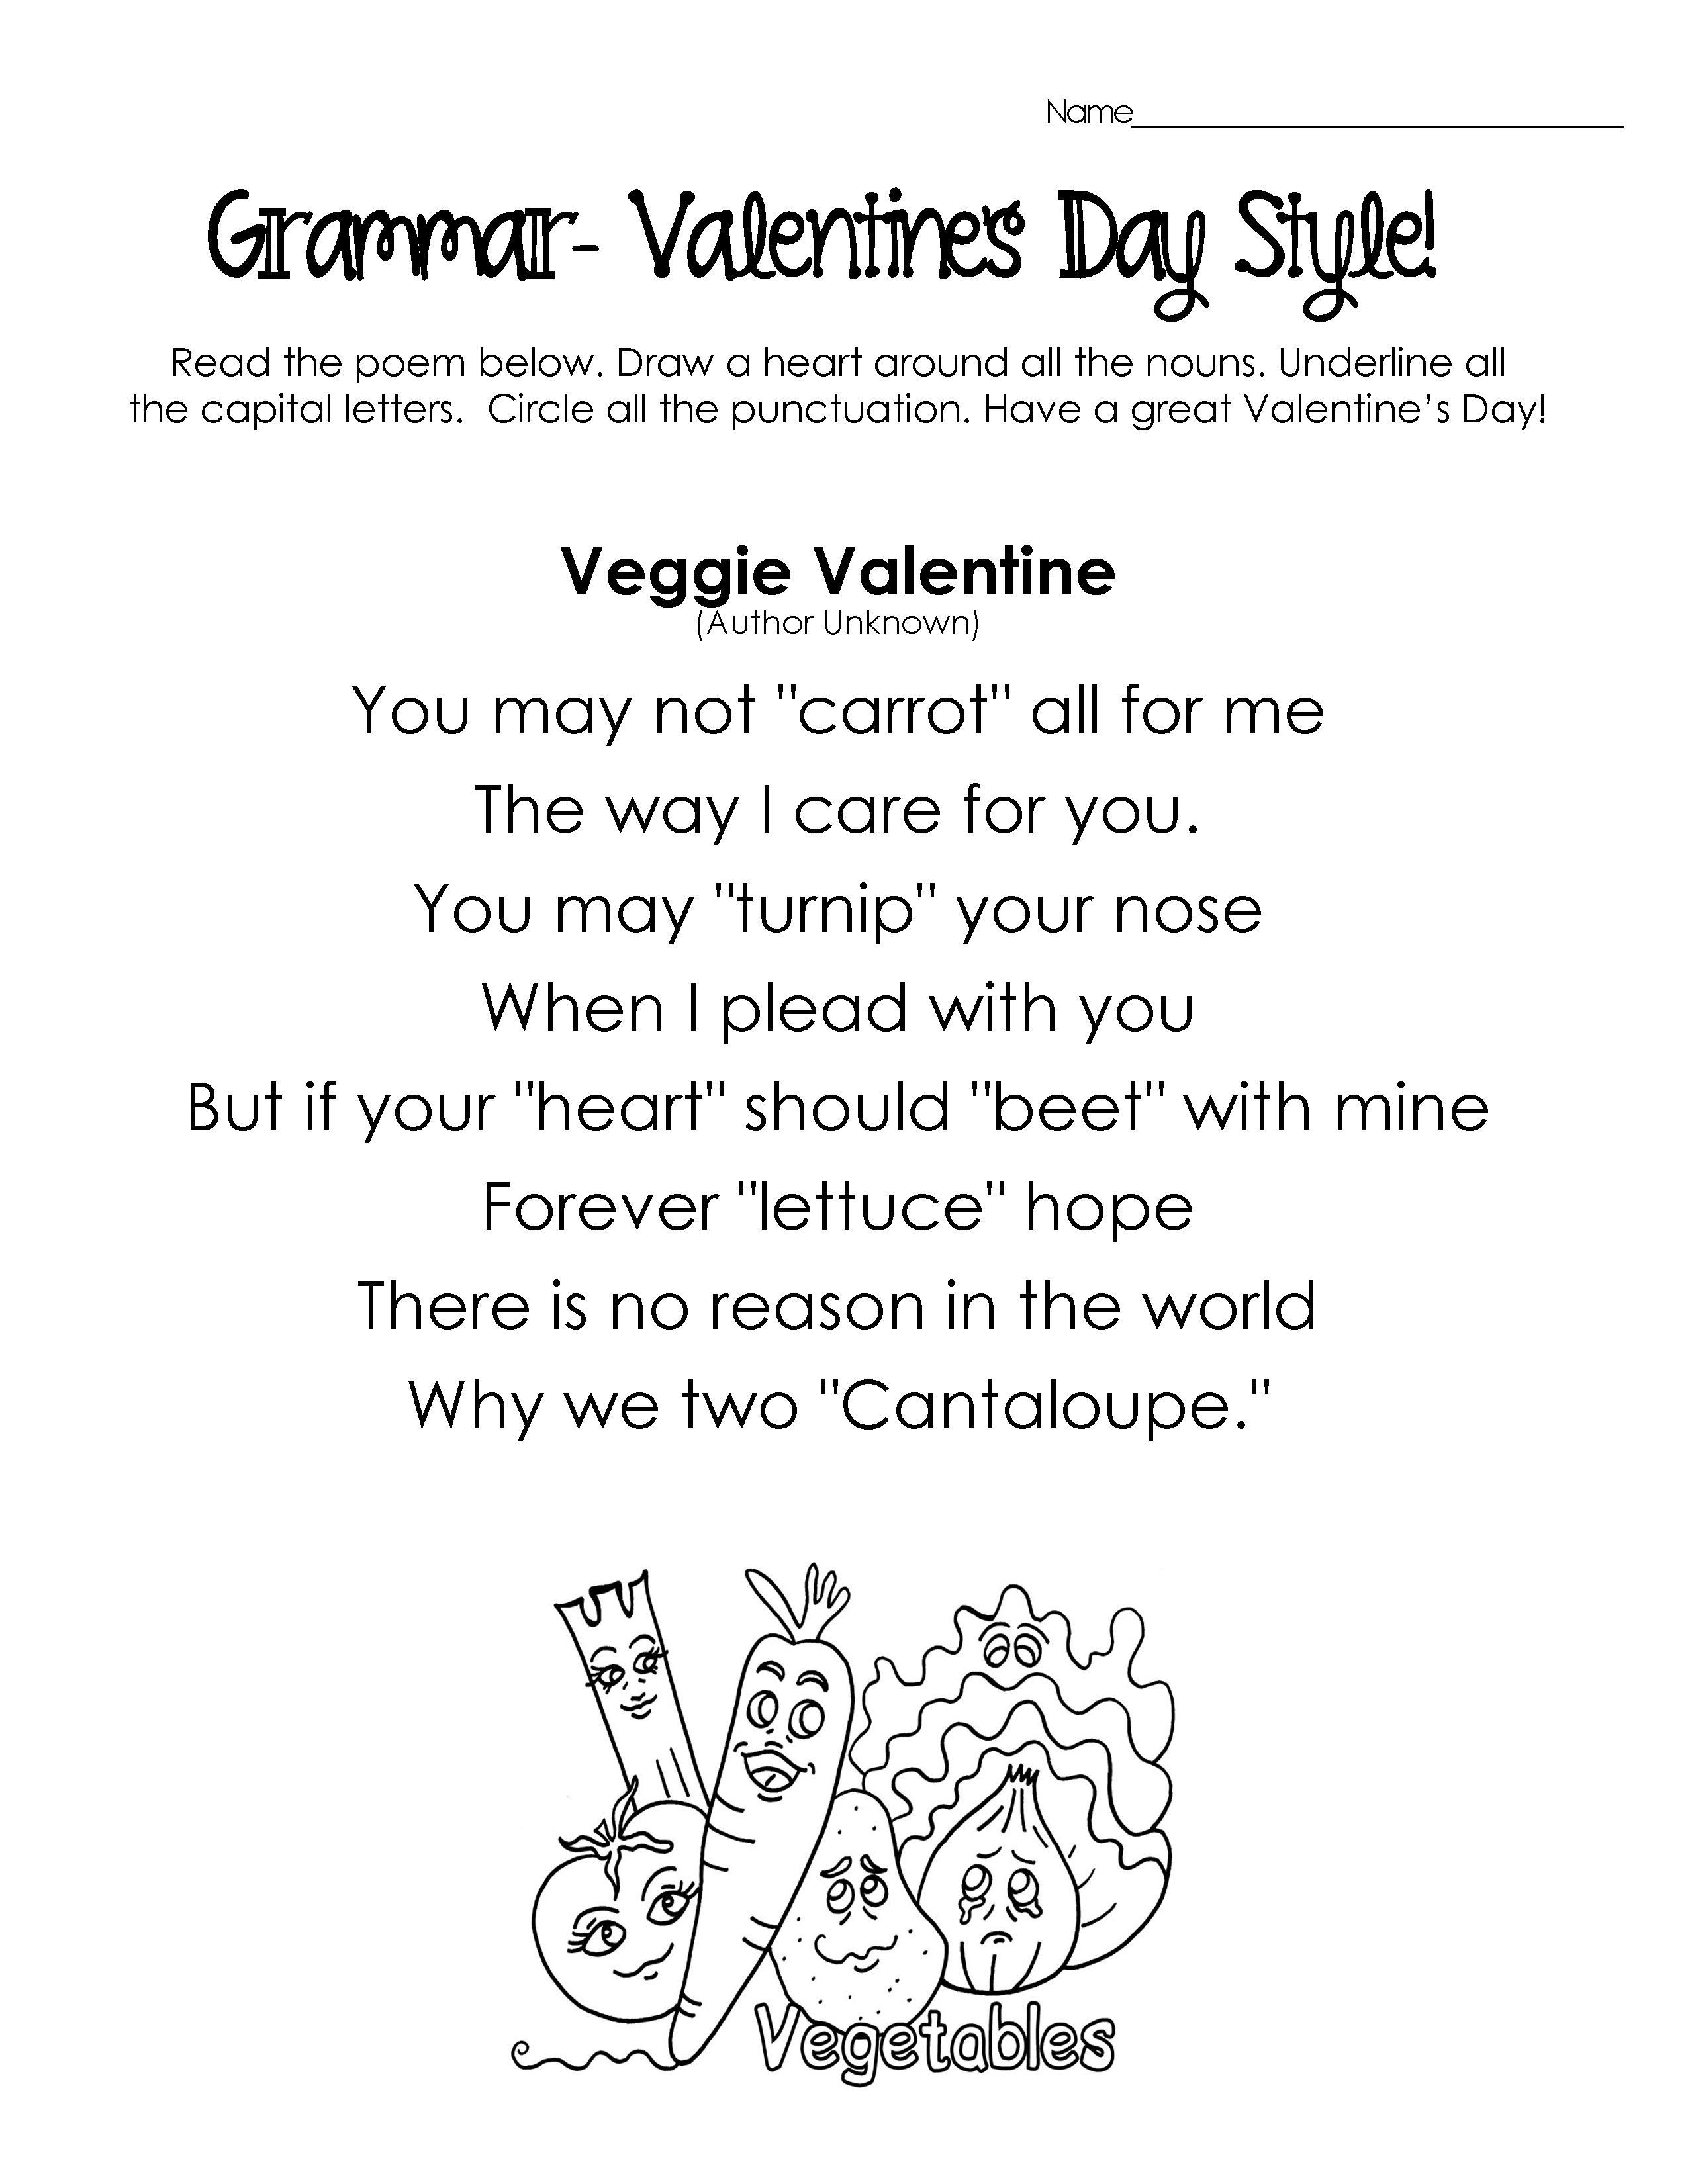 V Day Grammar Poem 3 2 550 3 300 Pixels